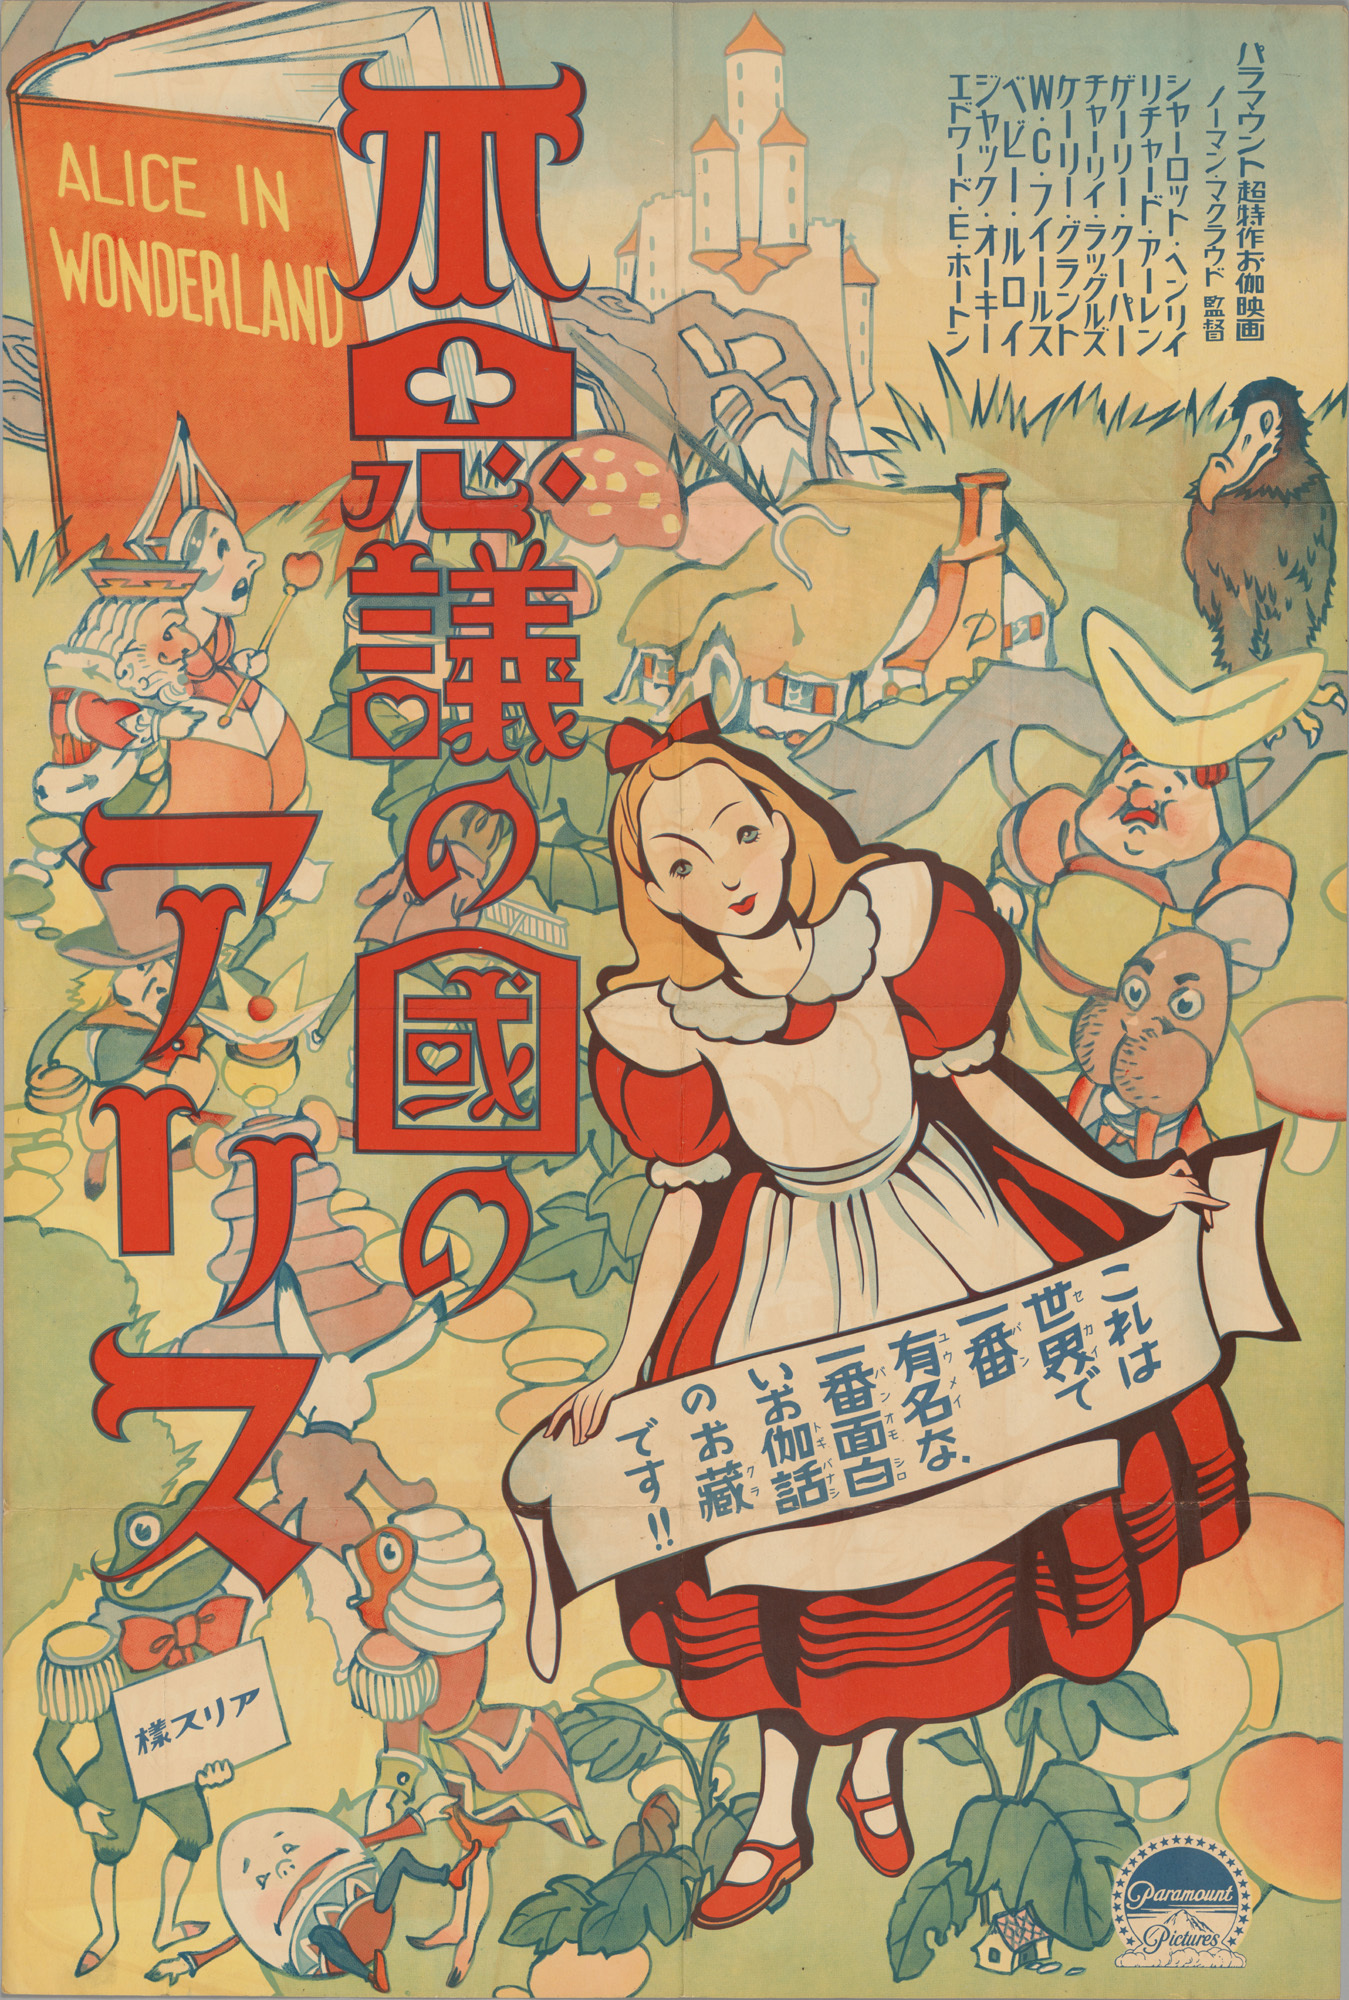 『不思議の国のアリス』(日本公開1934年、ノーマン・Z・マクラウド監督)